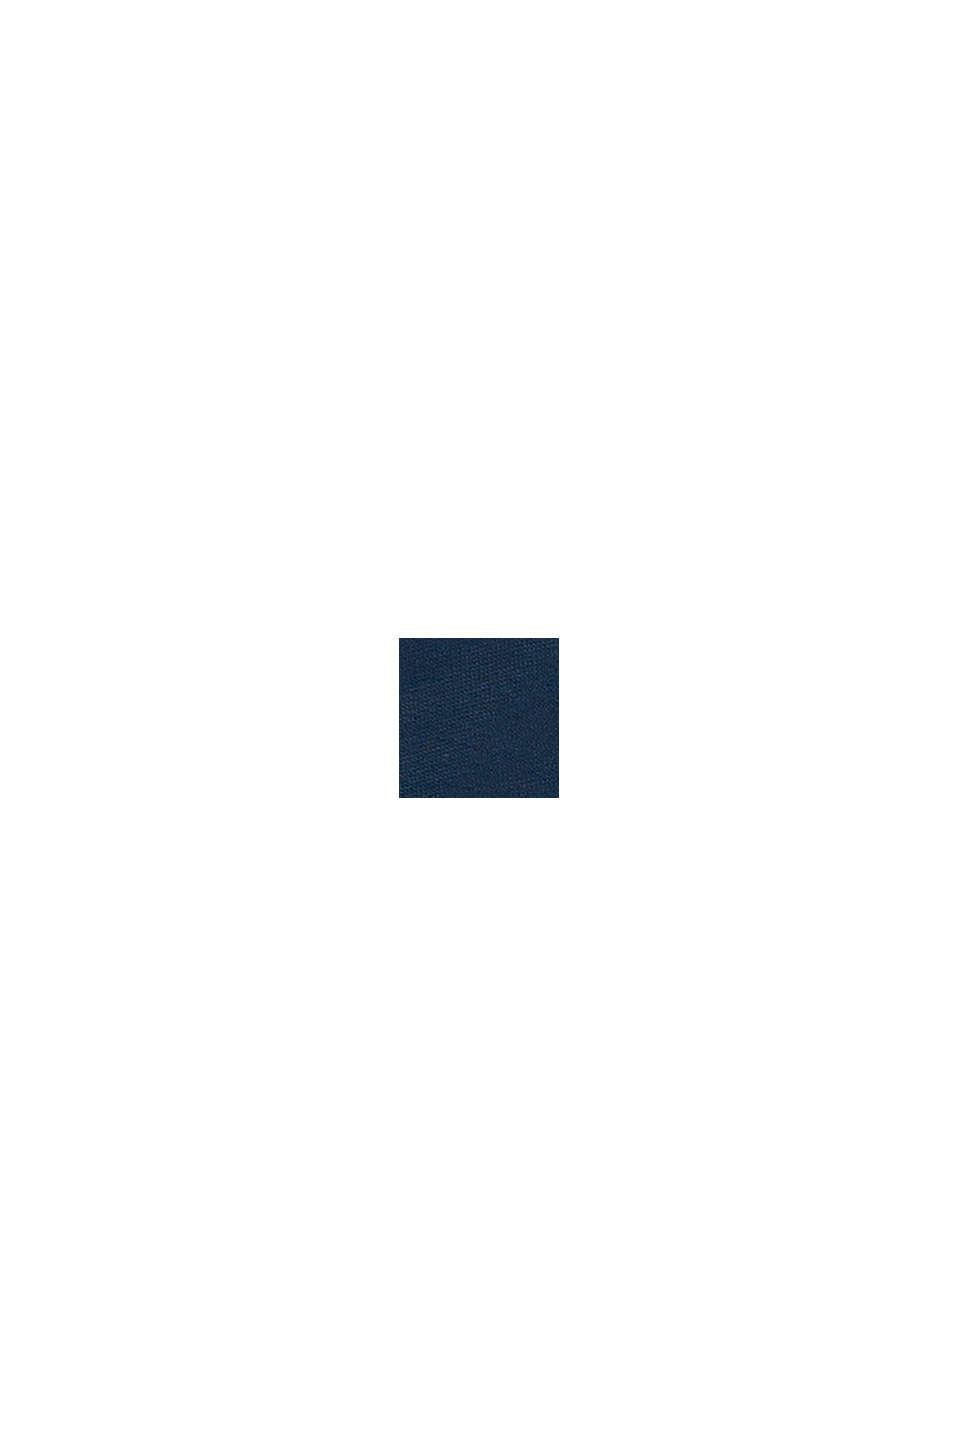 Sweatbroek met strepen opzij, 100% katoen, PETROL BLUE, swatch